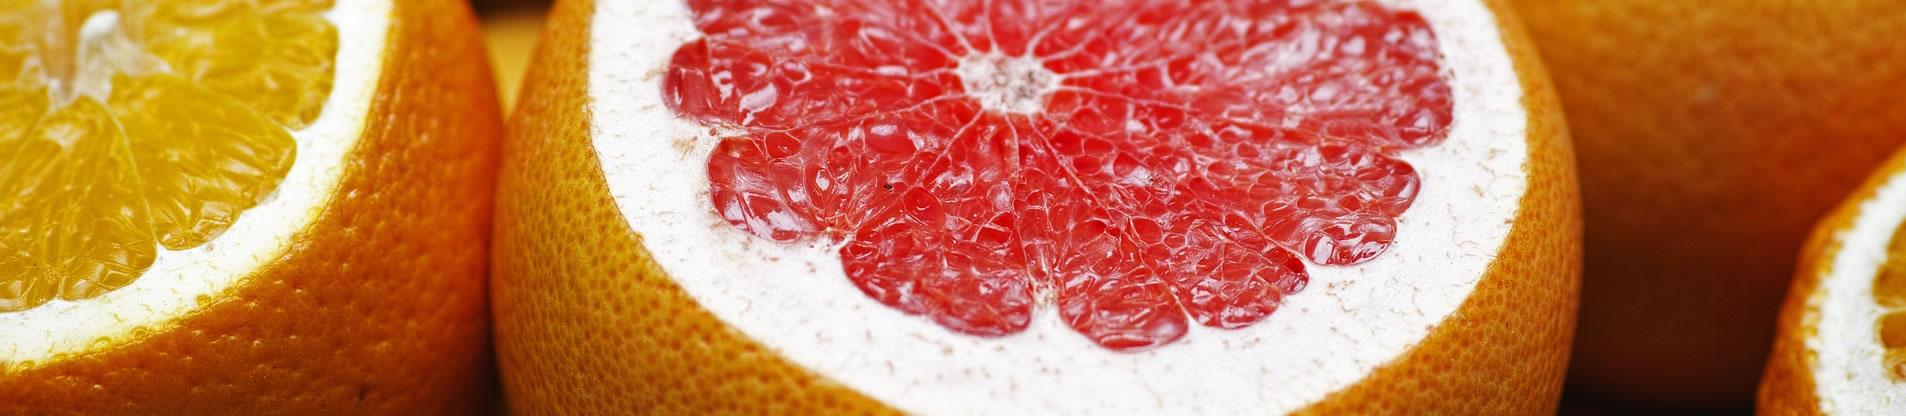 importateur-de-fruits-exotiques-et-fruits-de-contre-saison-marseille-france-14